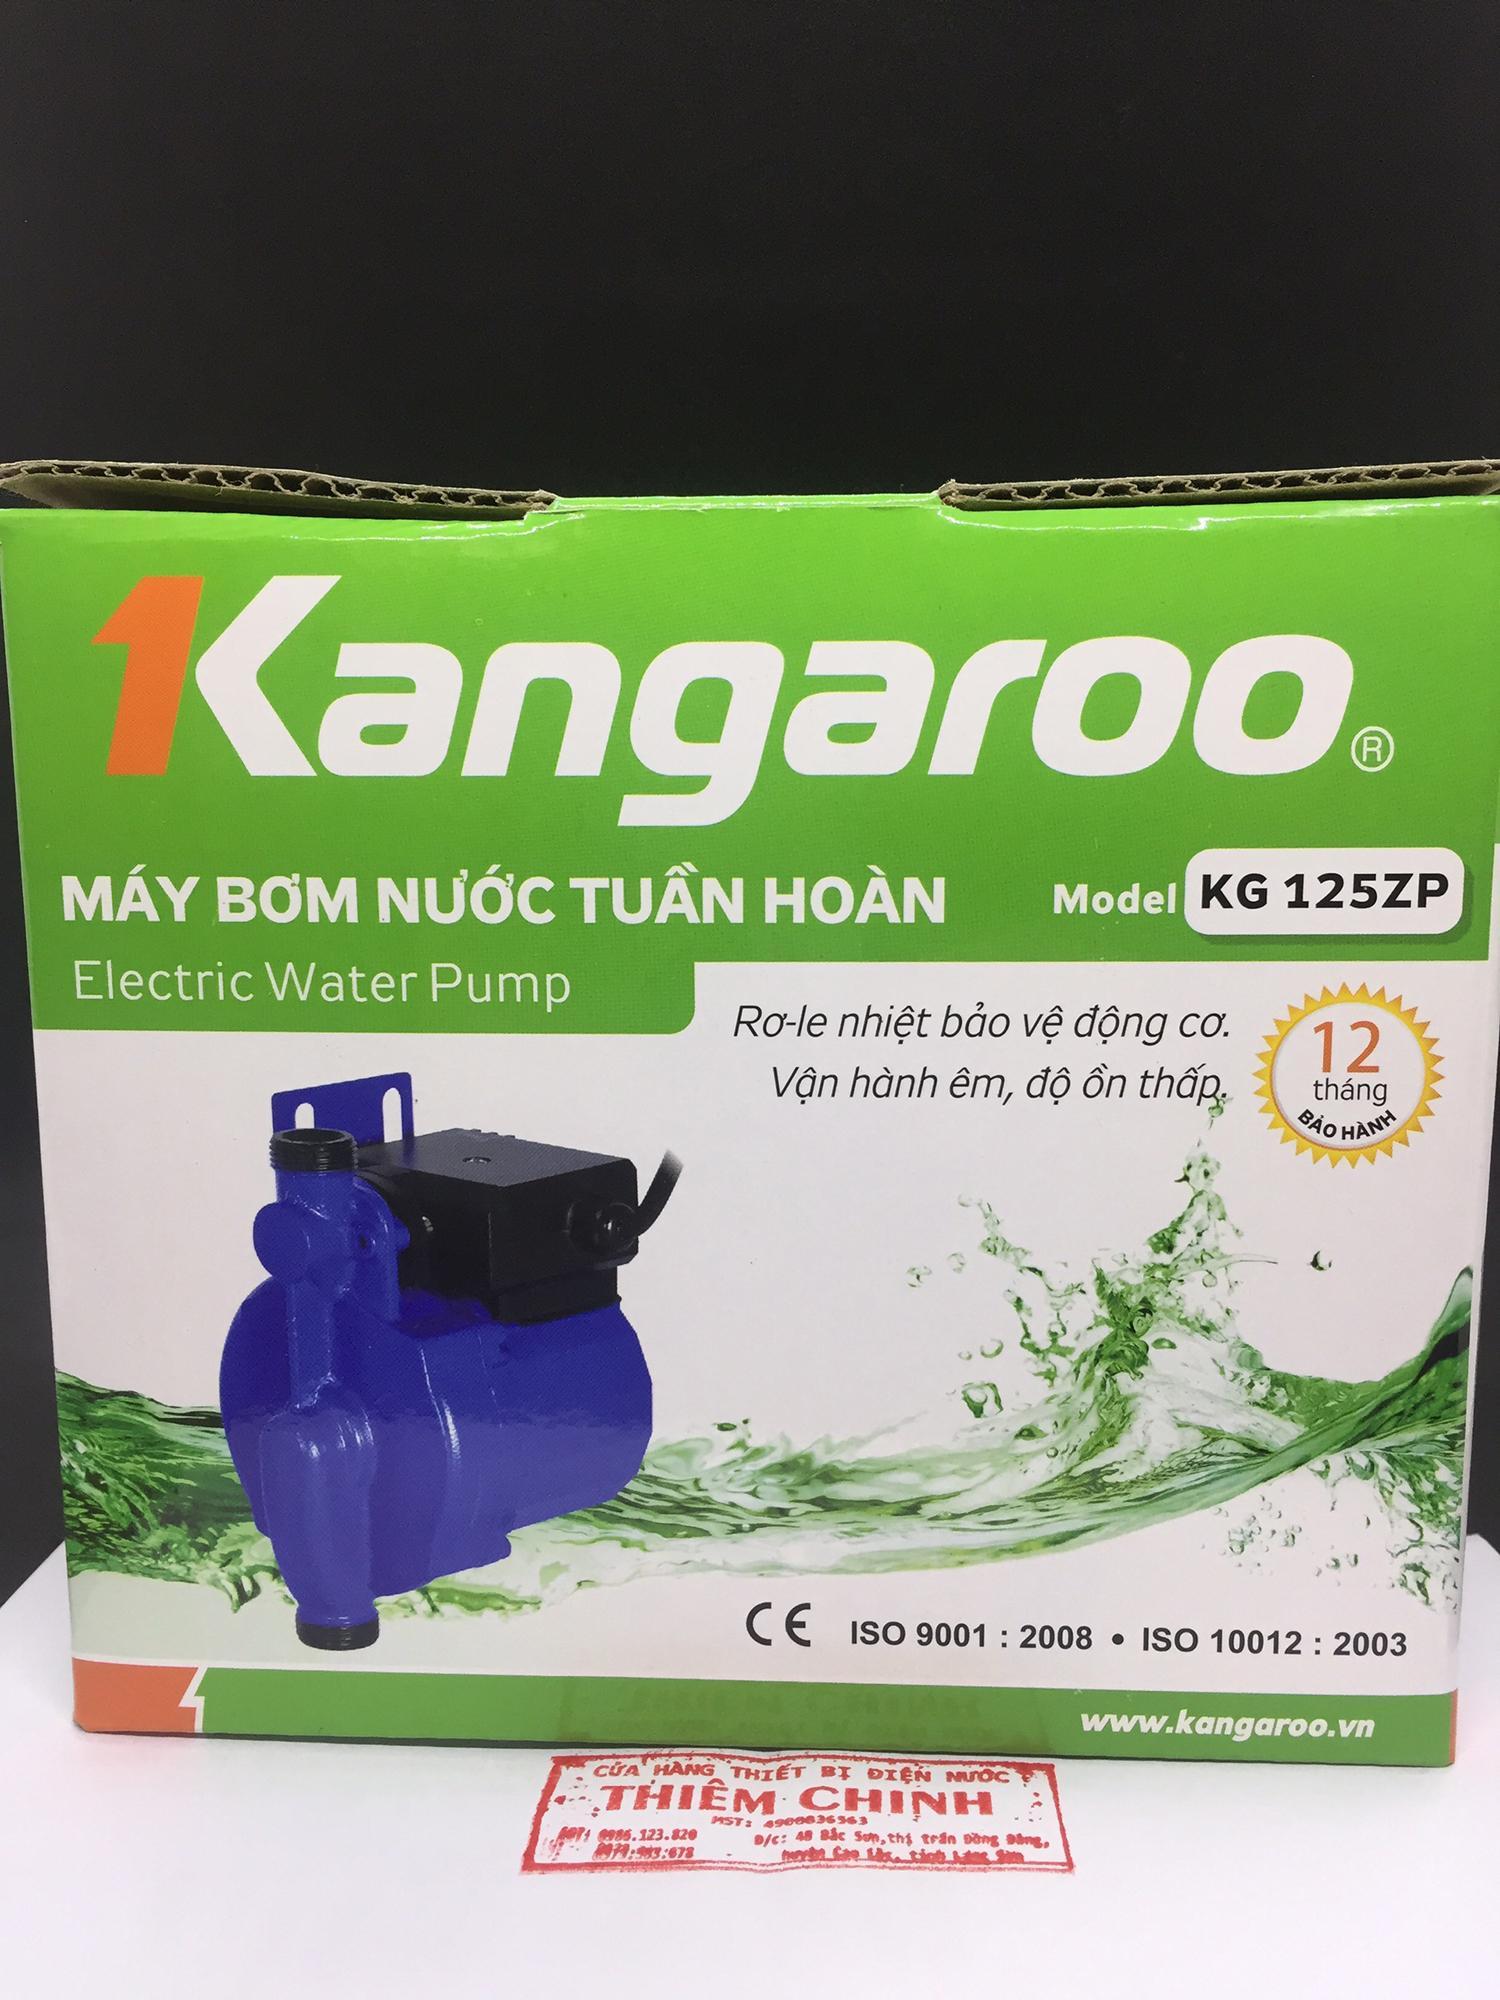 Máy bơm trợ lực nước yếu - Máy bơm nước tuần hoàn Kangaroo KG125ZP | Tự động tăng áp - Dùng cho sen vòi, máy giặt